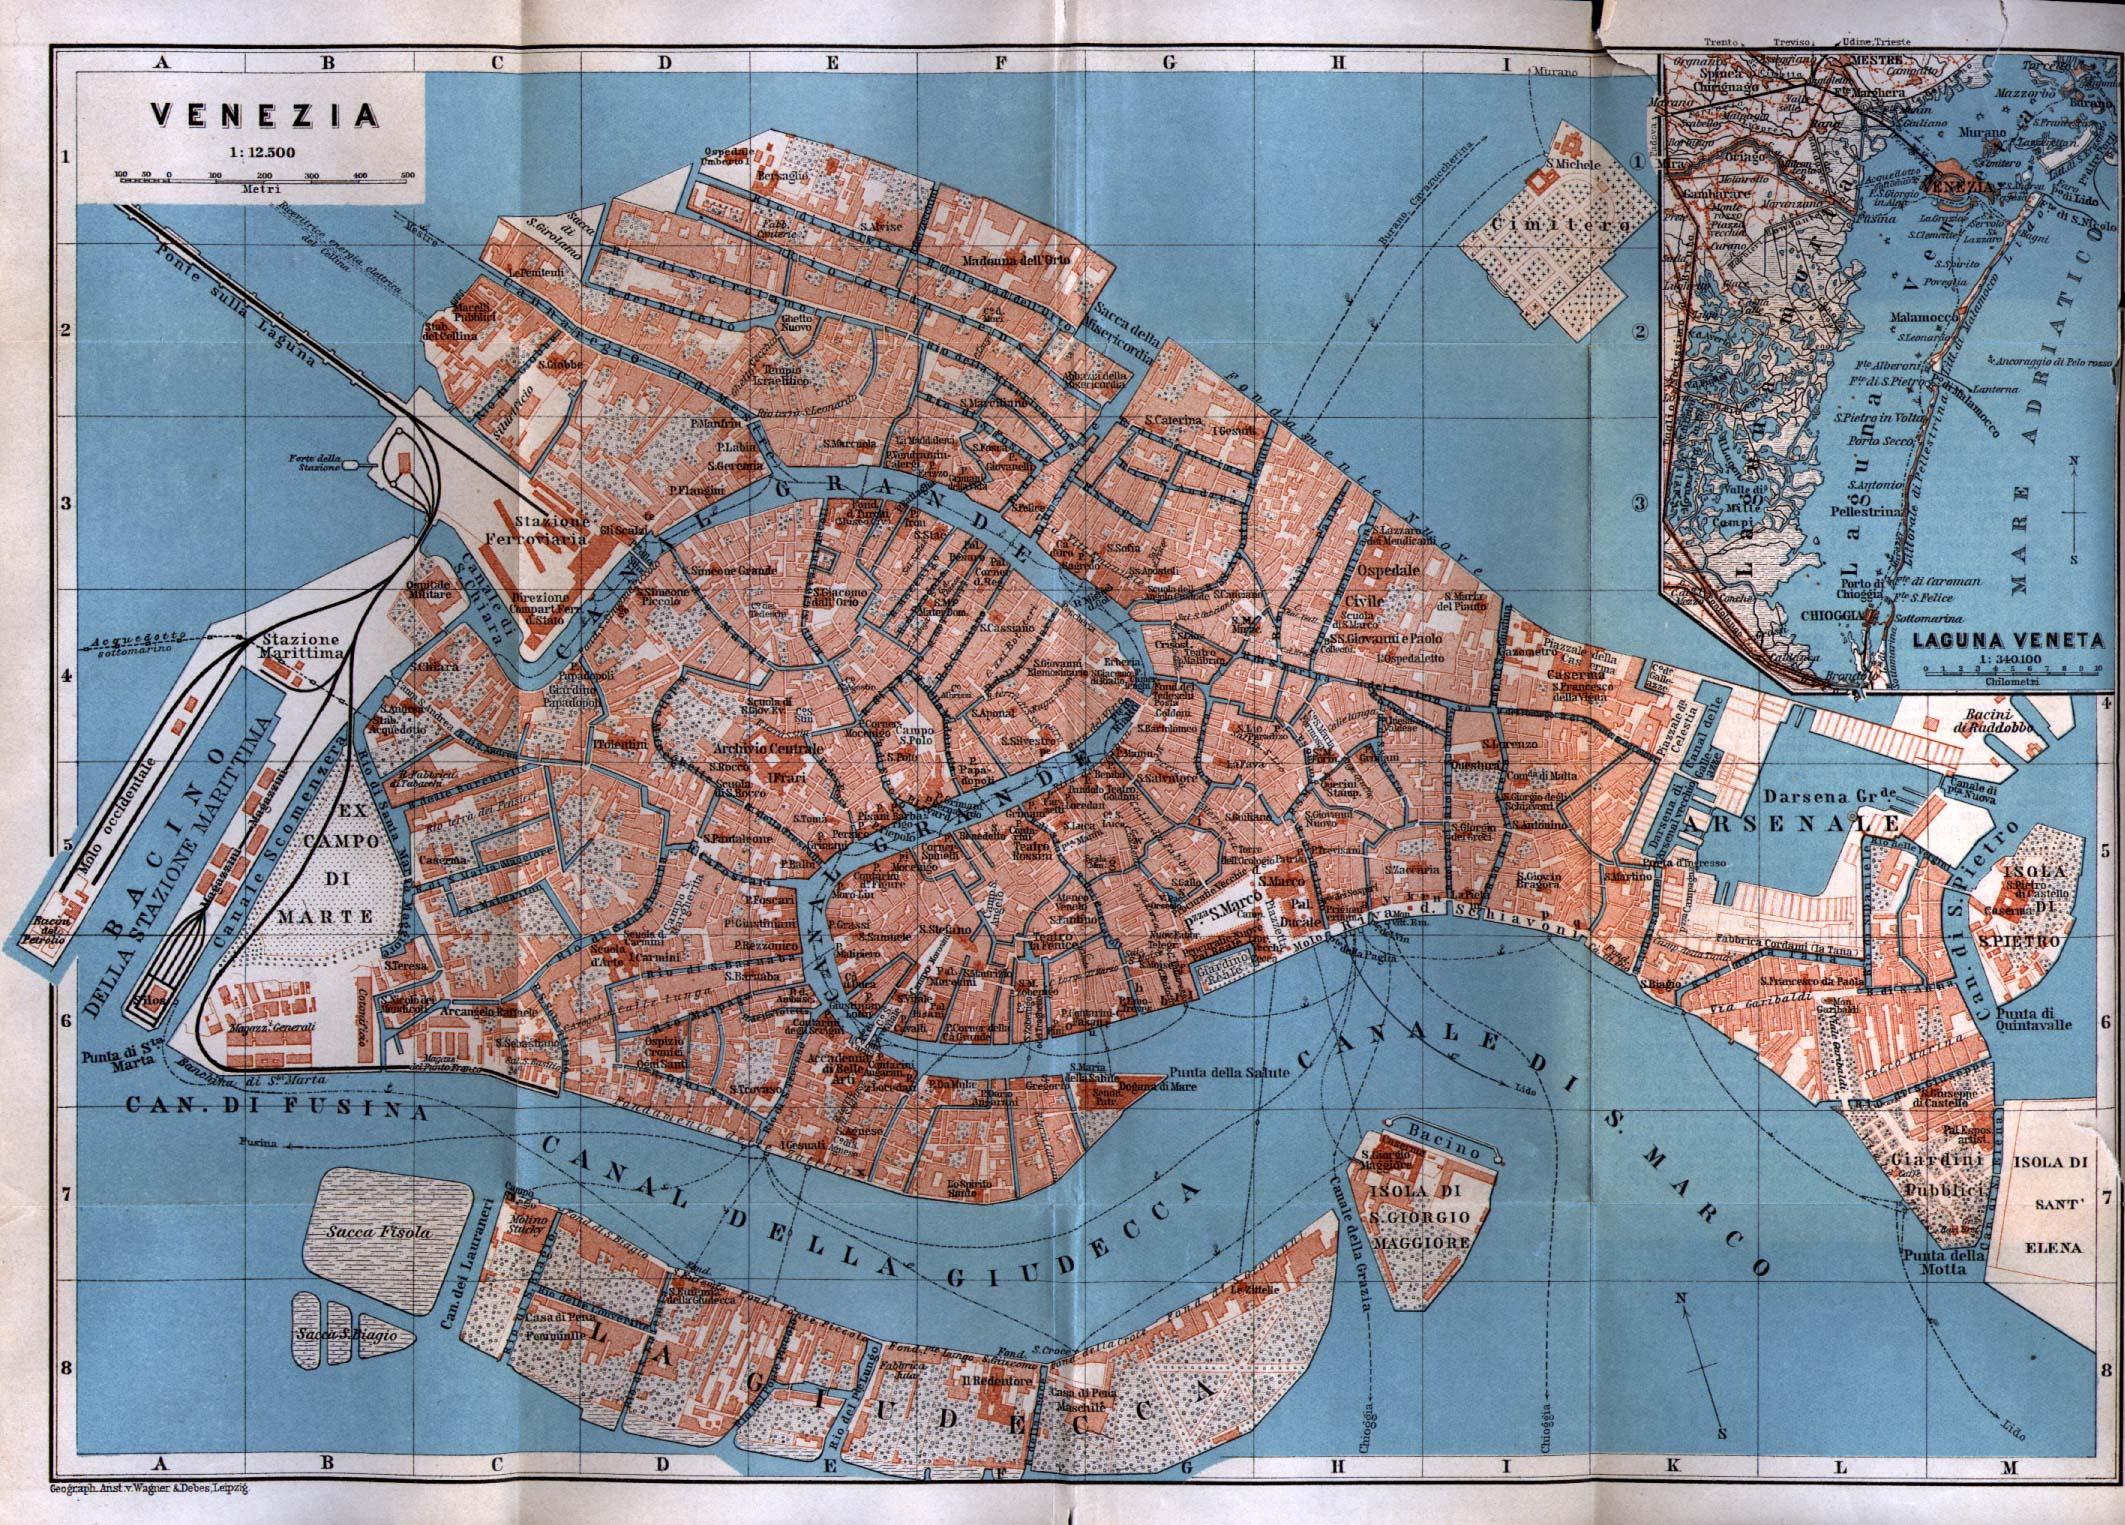 Italy - Map Of Venice Italy